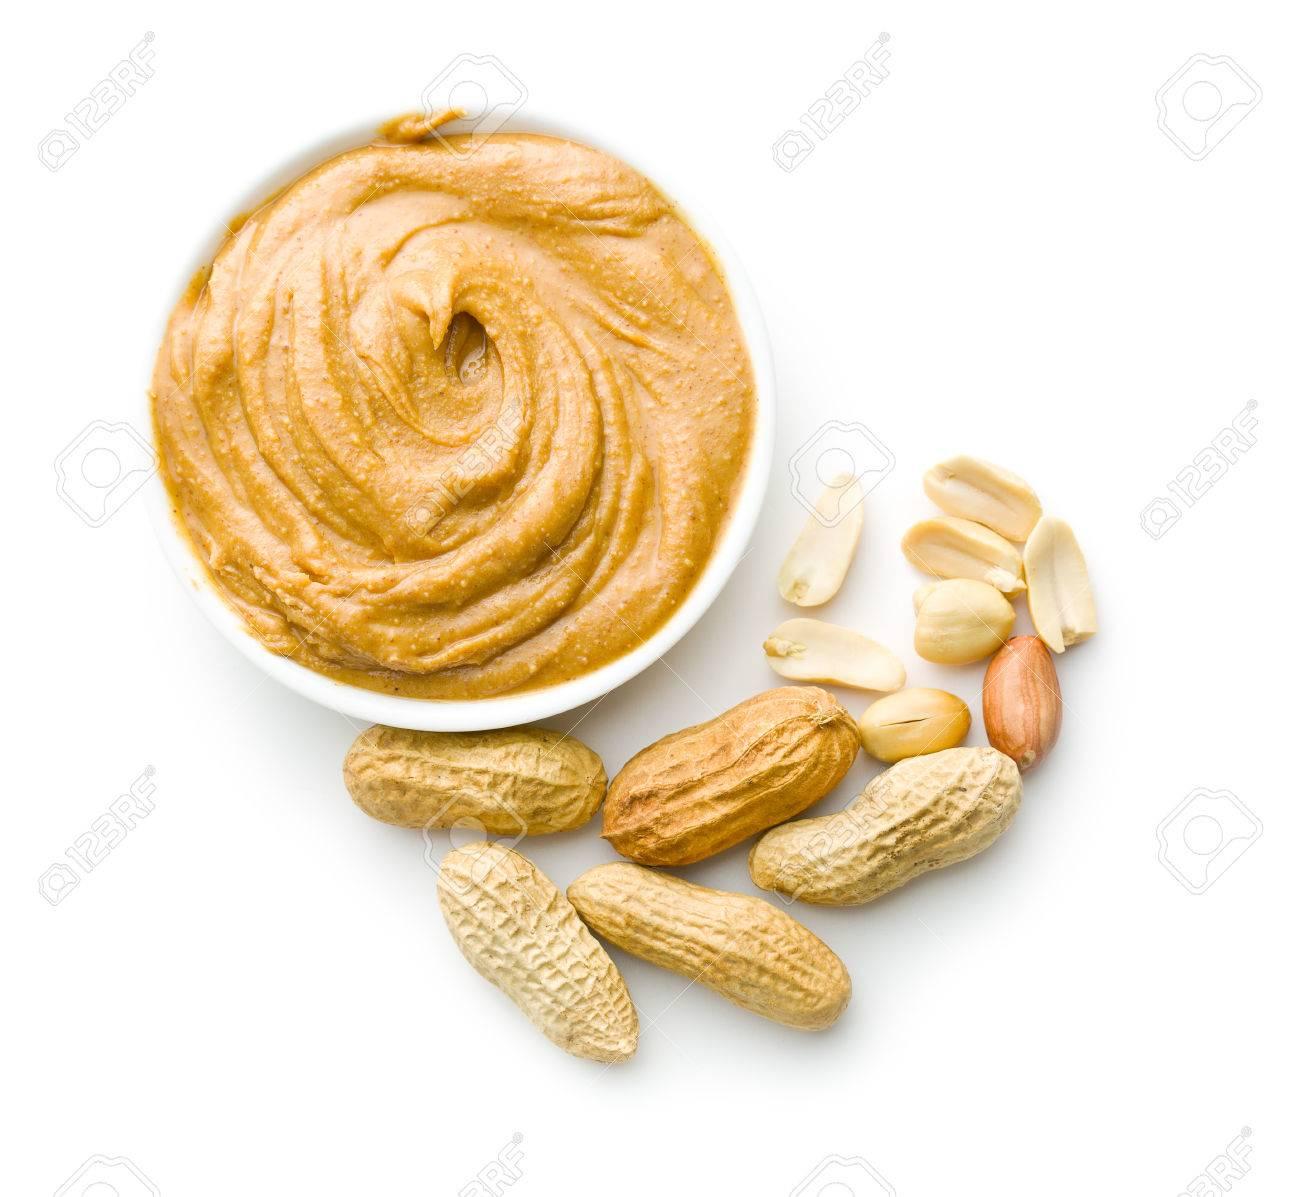 beurre de cacahuètes crémeux et arachides isolés sur fond blanc